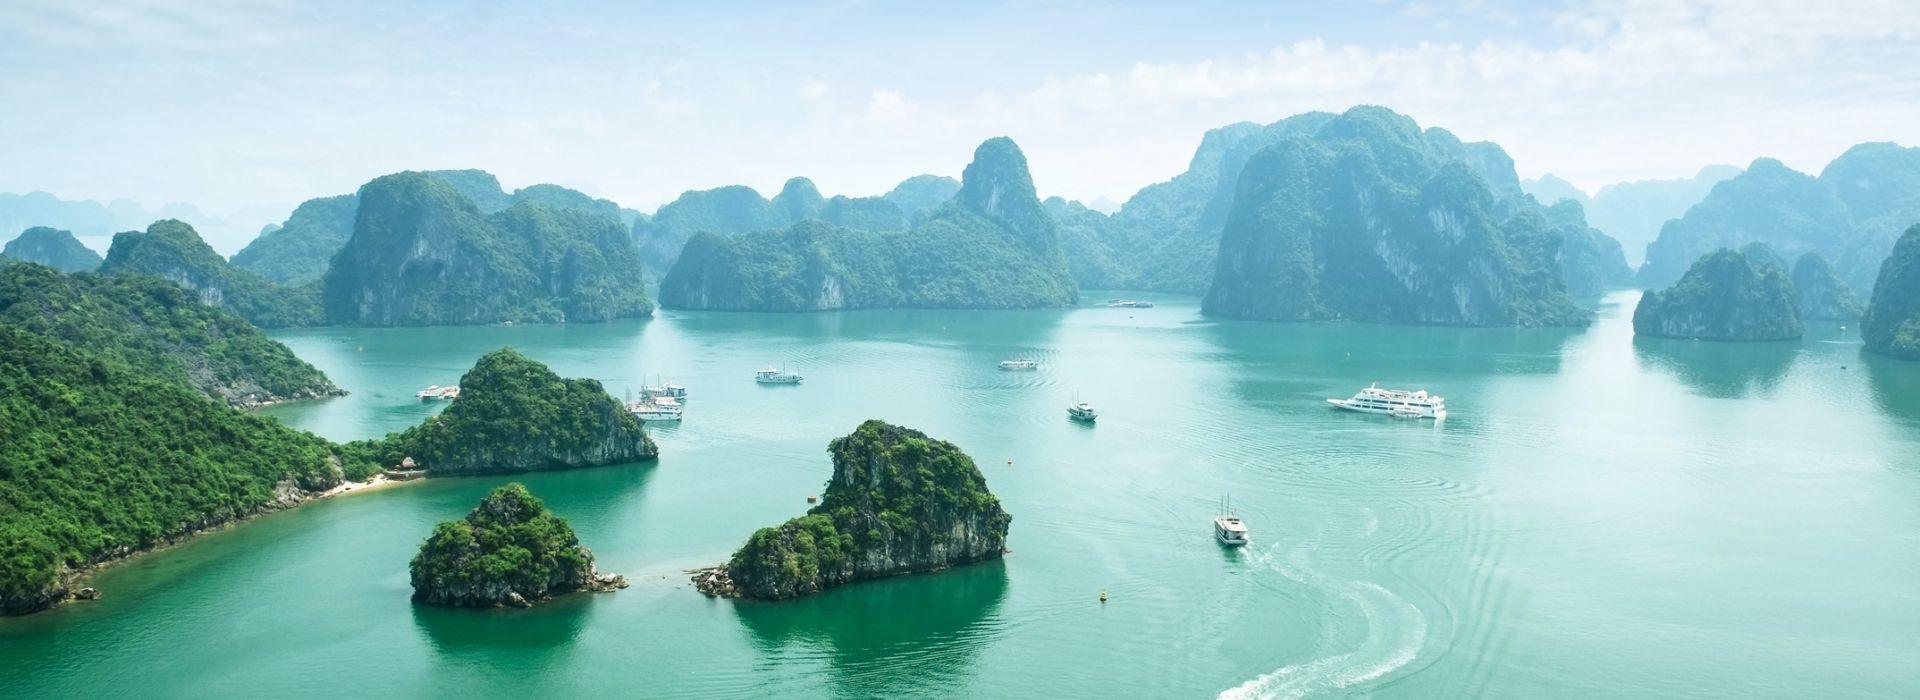 Adventure and sport activities Tours in Vietnam